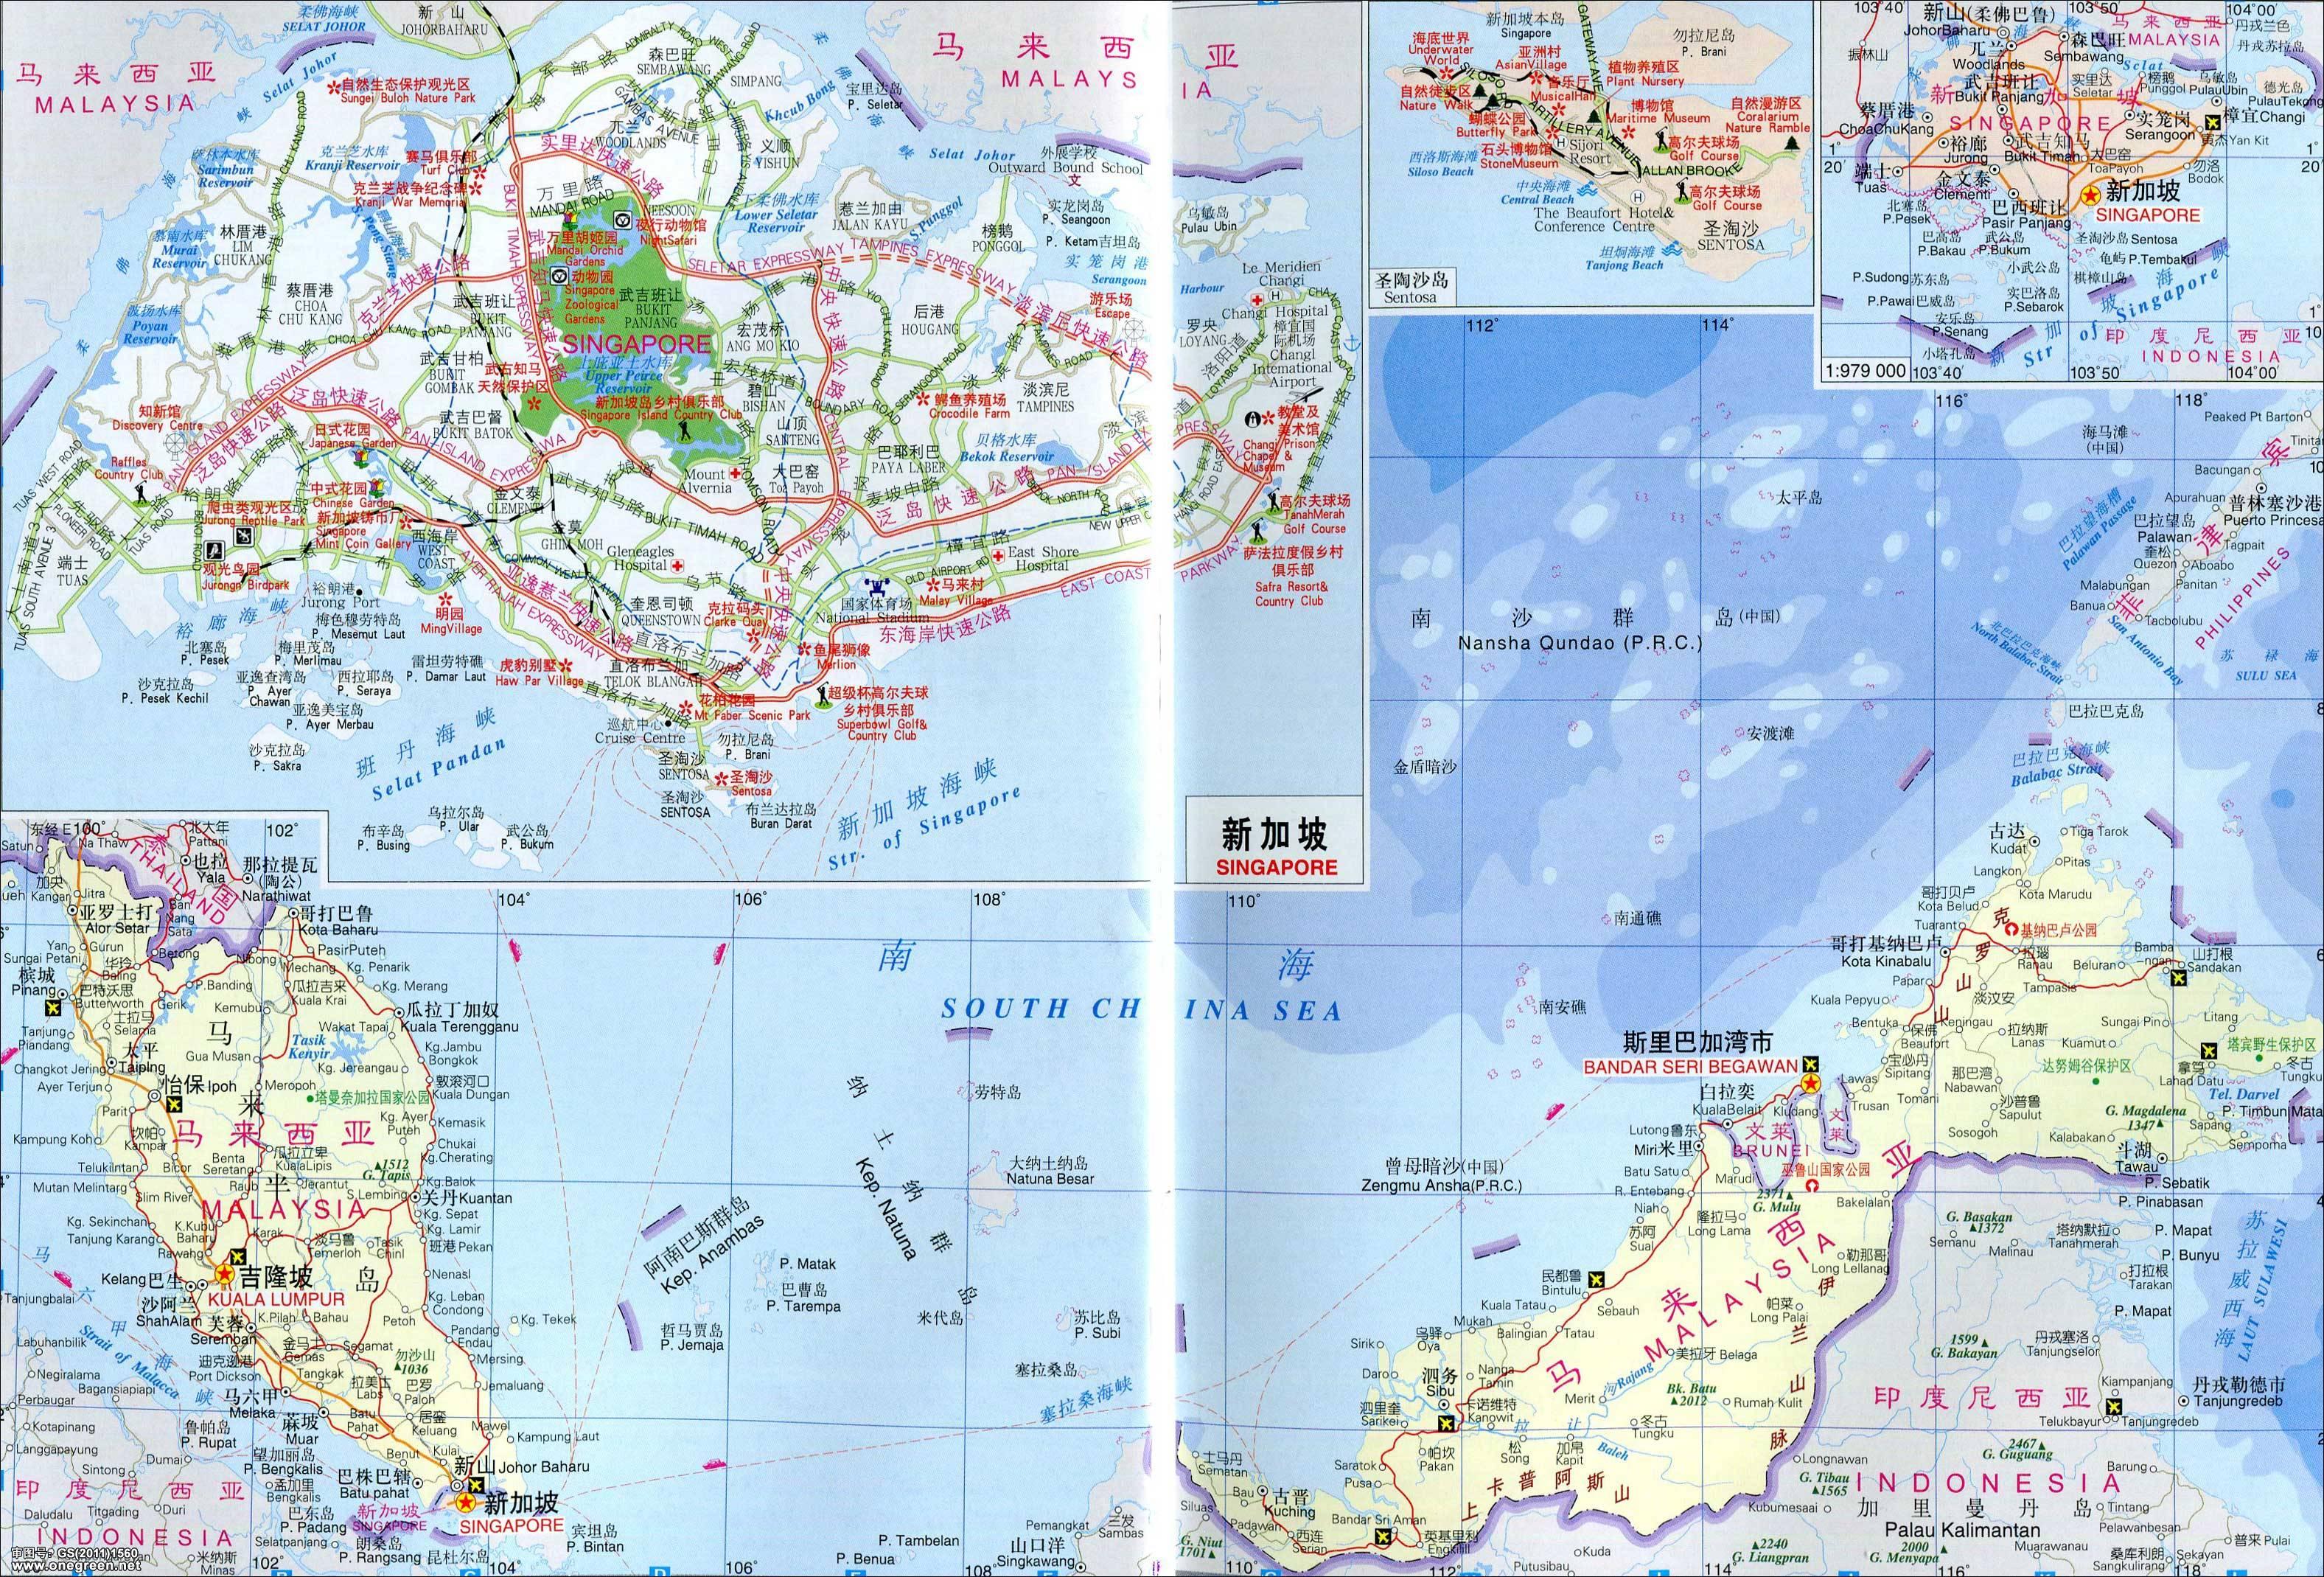 黎巴嫩地图_新加坡地图中(英)文版_新加坡地图库_地图窝